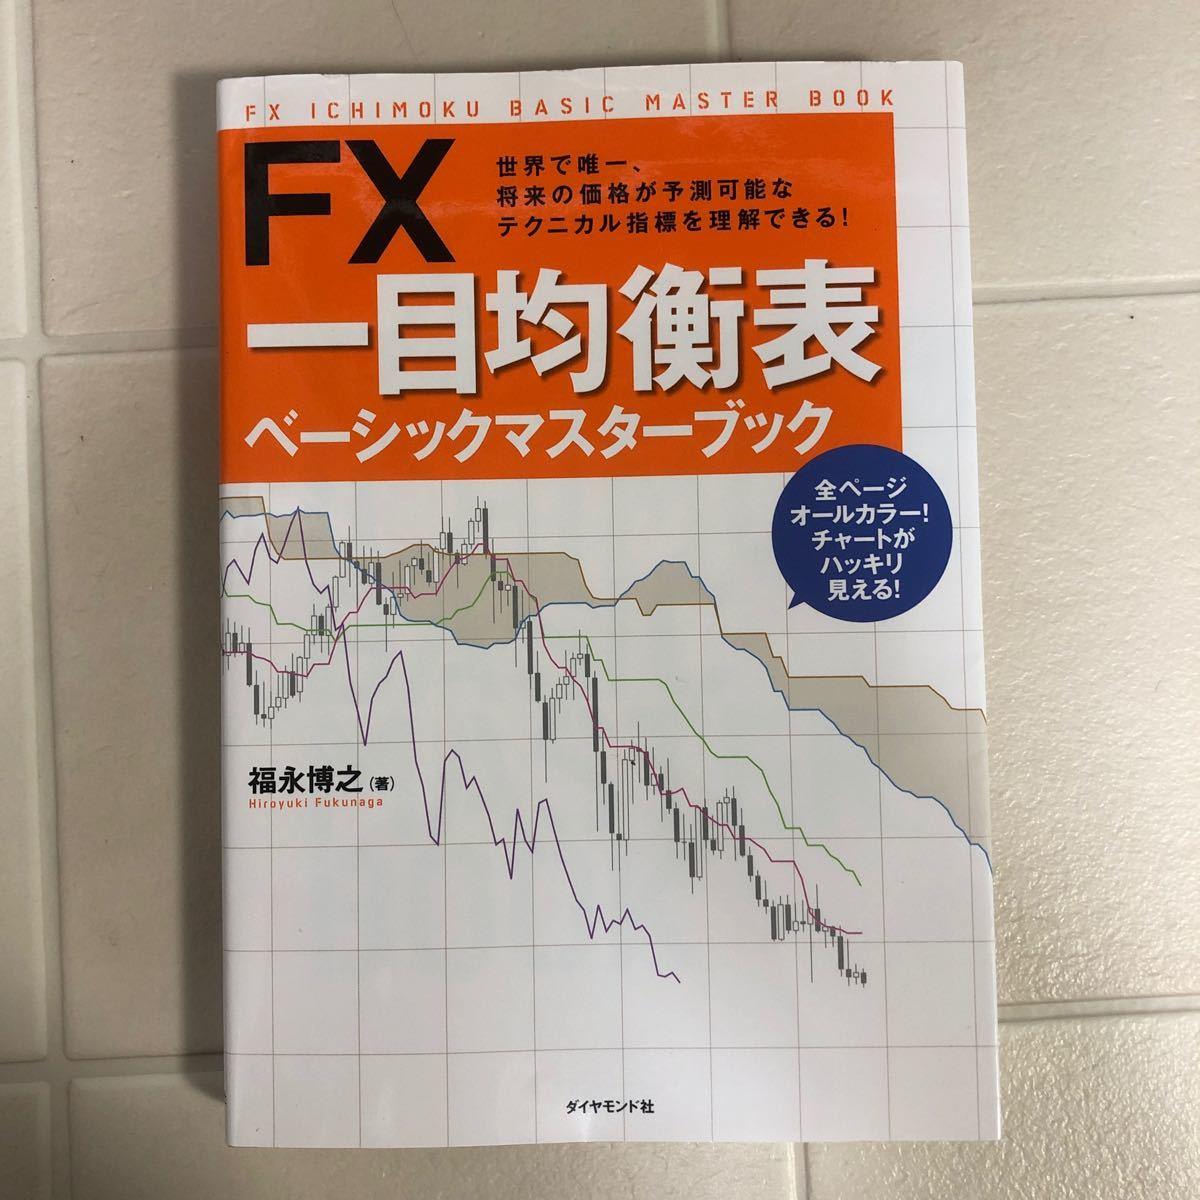 【即発送】FX一目均衡表ベーシックマスターブック 世界で唯一、将来の価格が予測可能なテクニカル指標を  ダイヤモンド社 福永博之